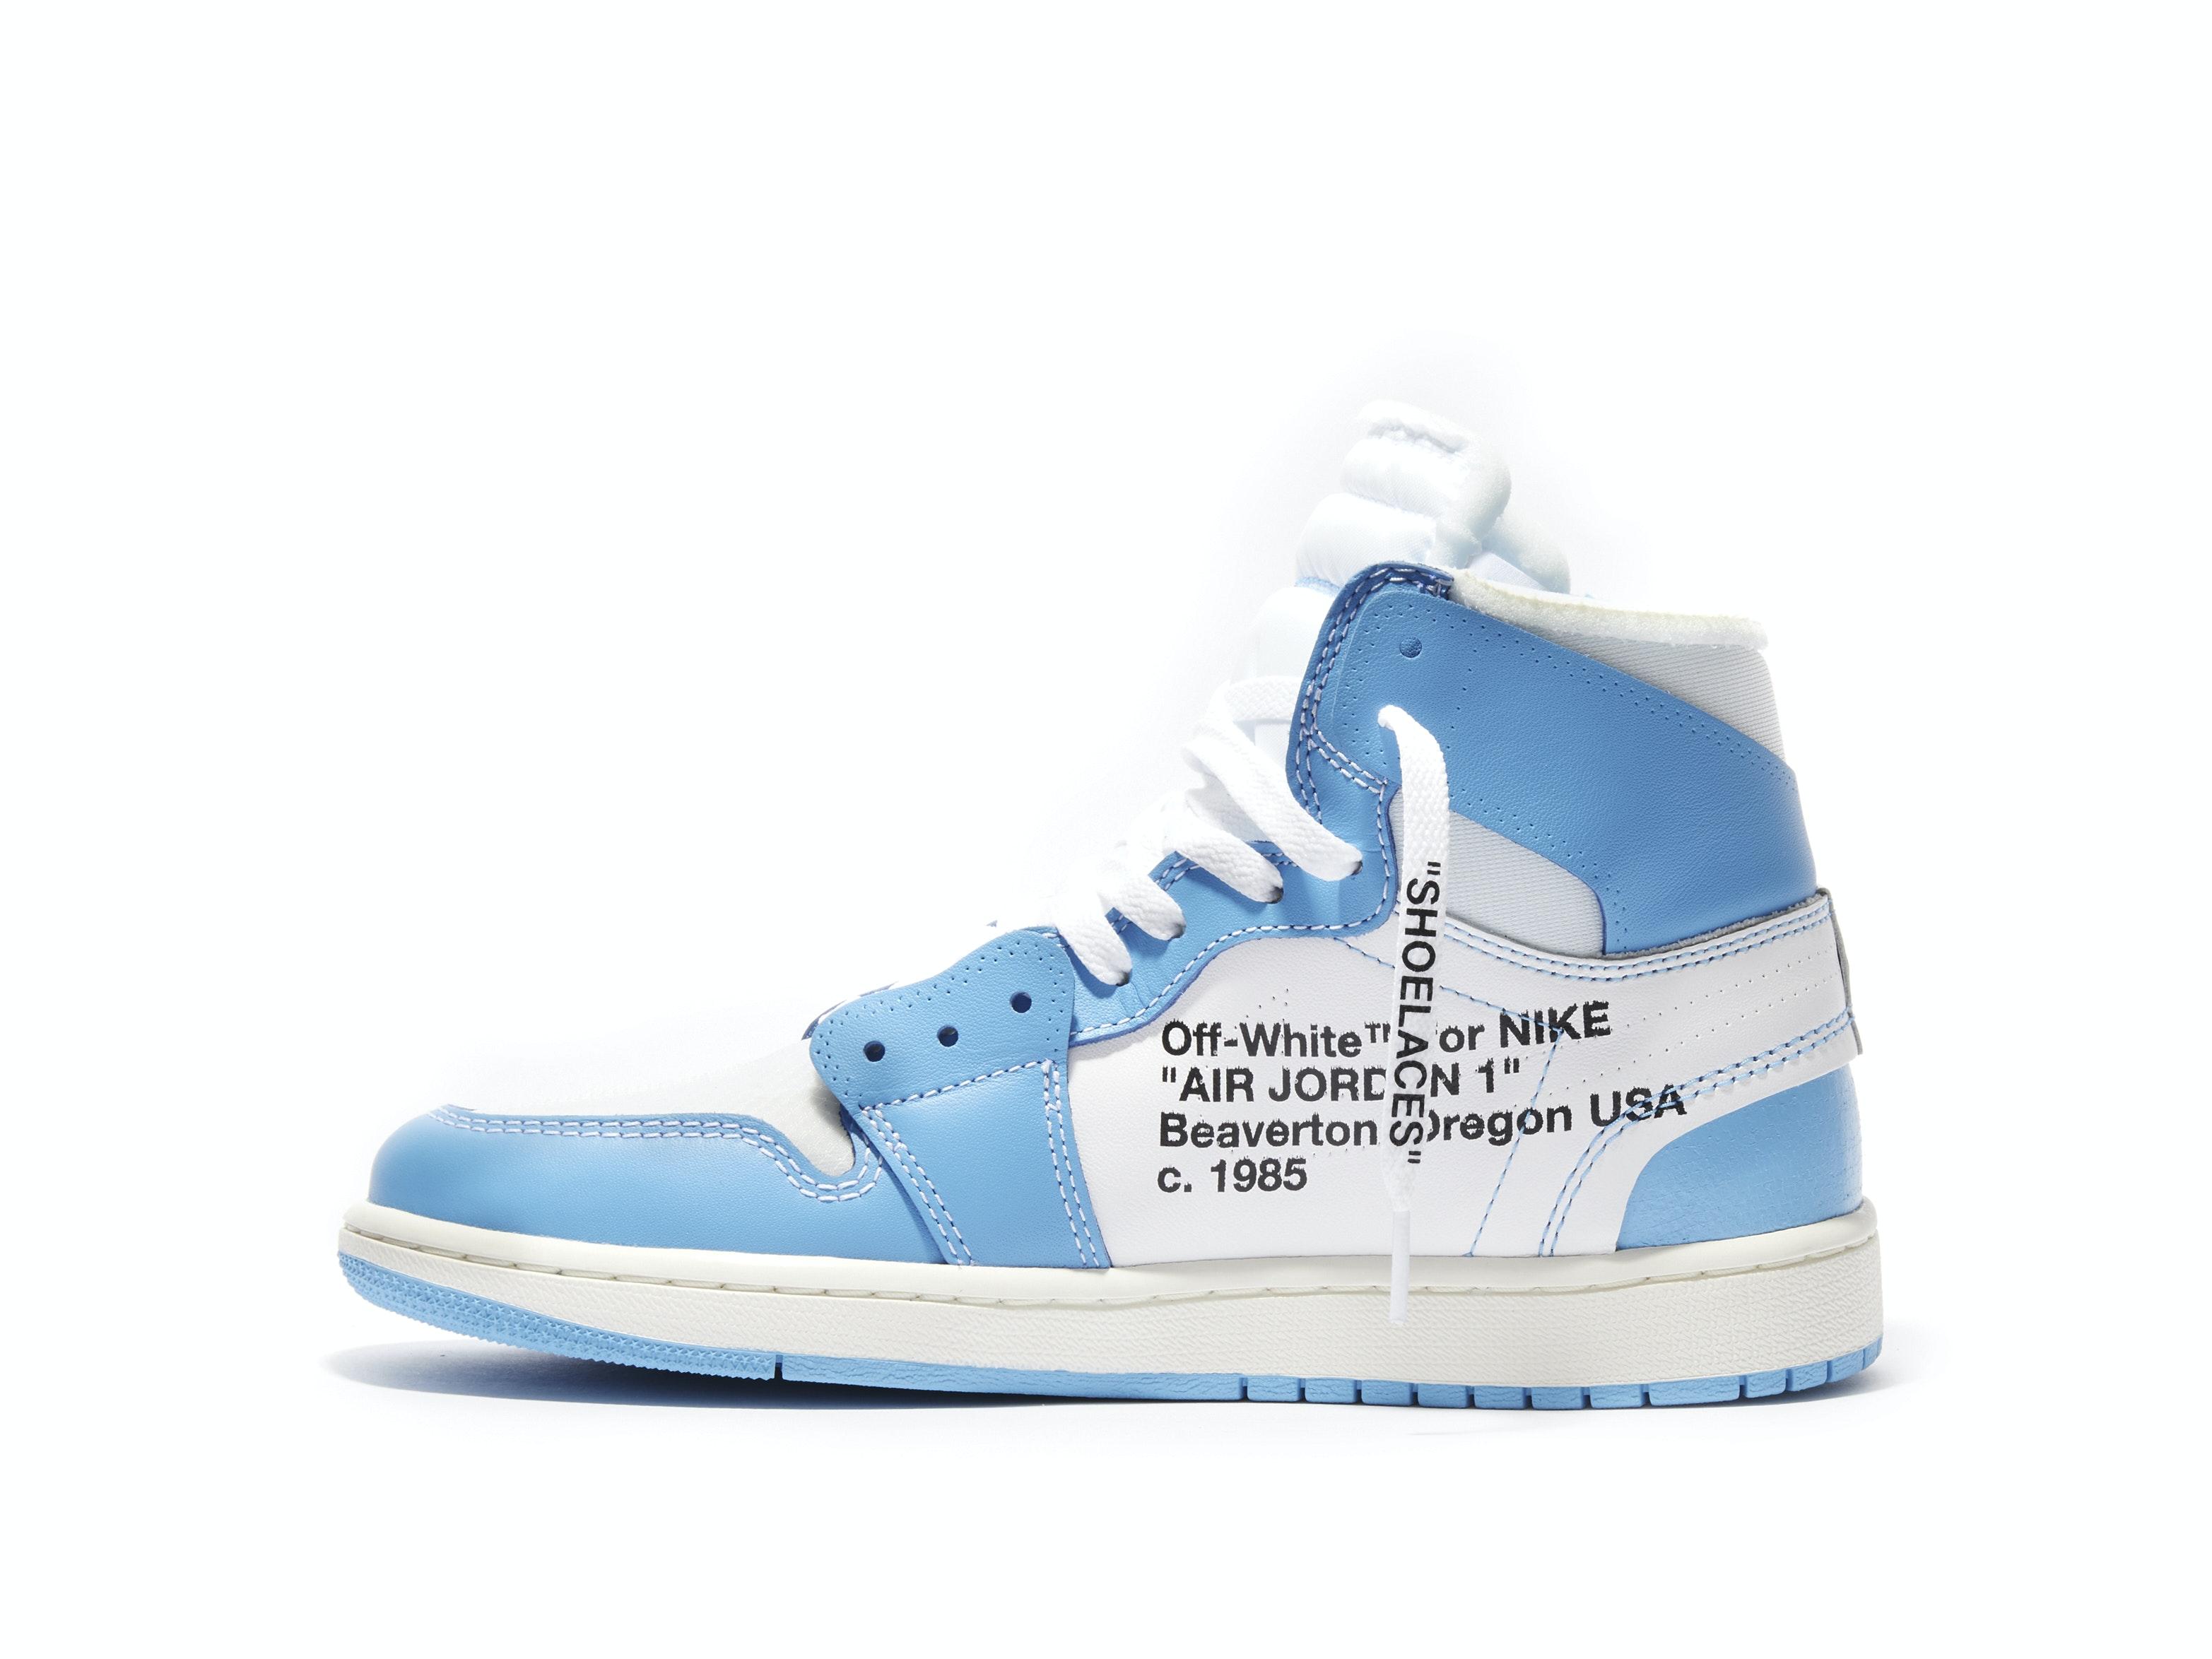 huge discount 79655 95ffd Air Jordan 1 Retro High UNC x Off-White